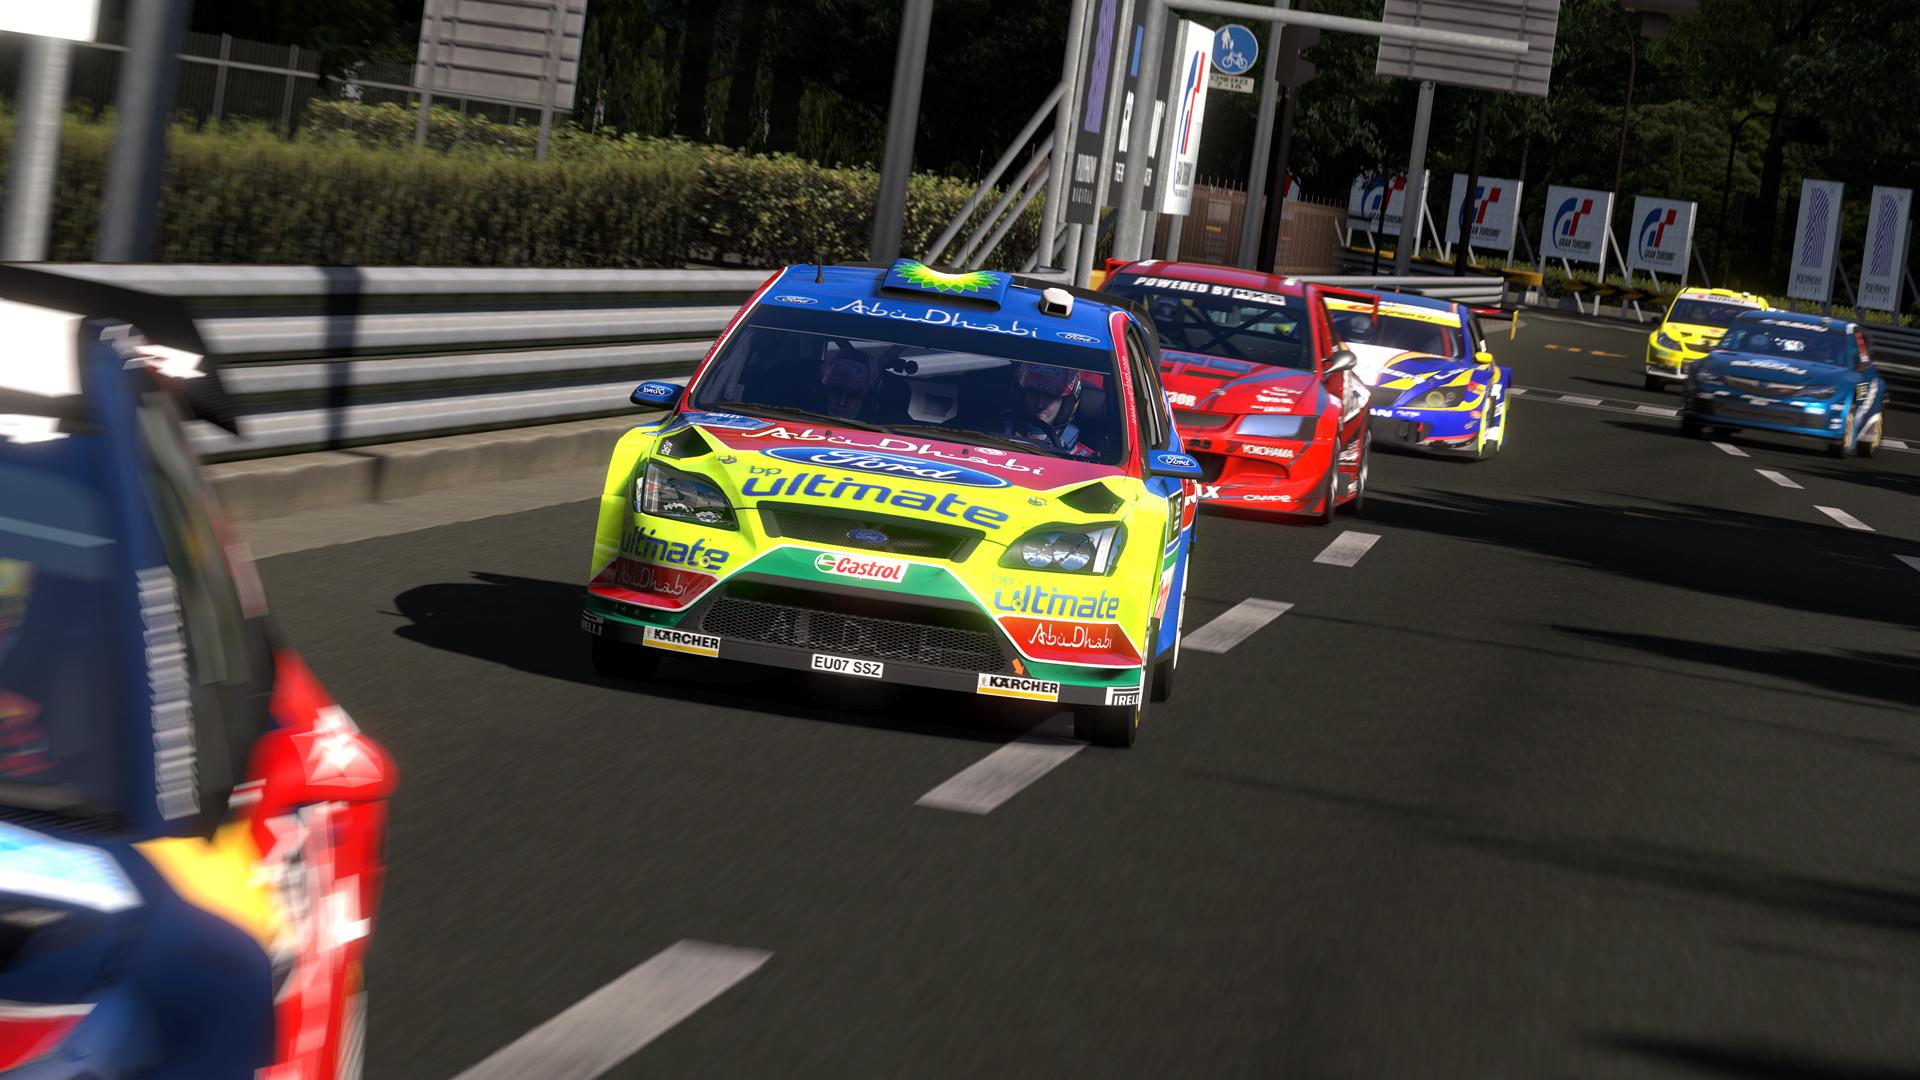 Gran Turismo (automobile)